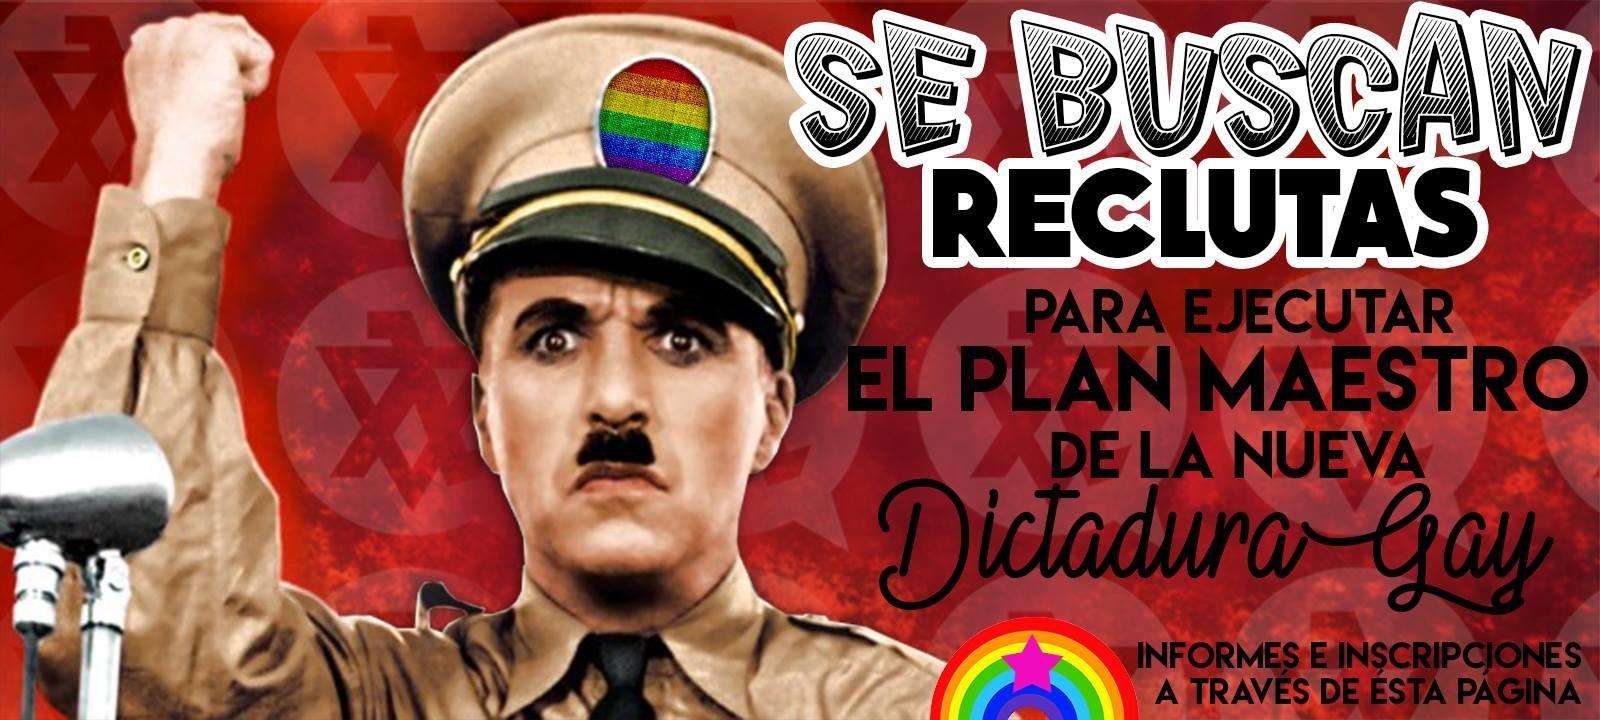 lobby gay en elecciones